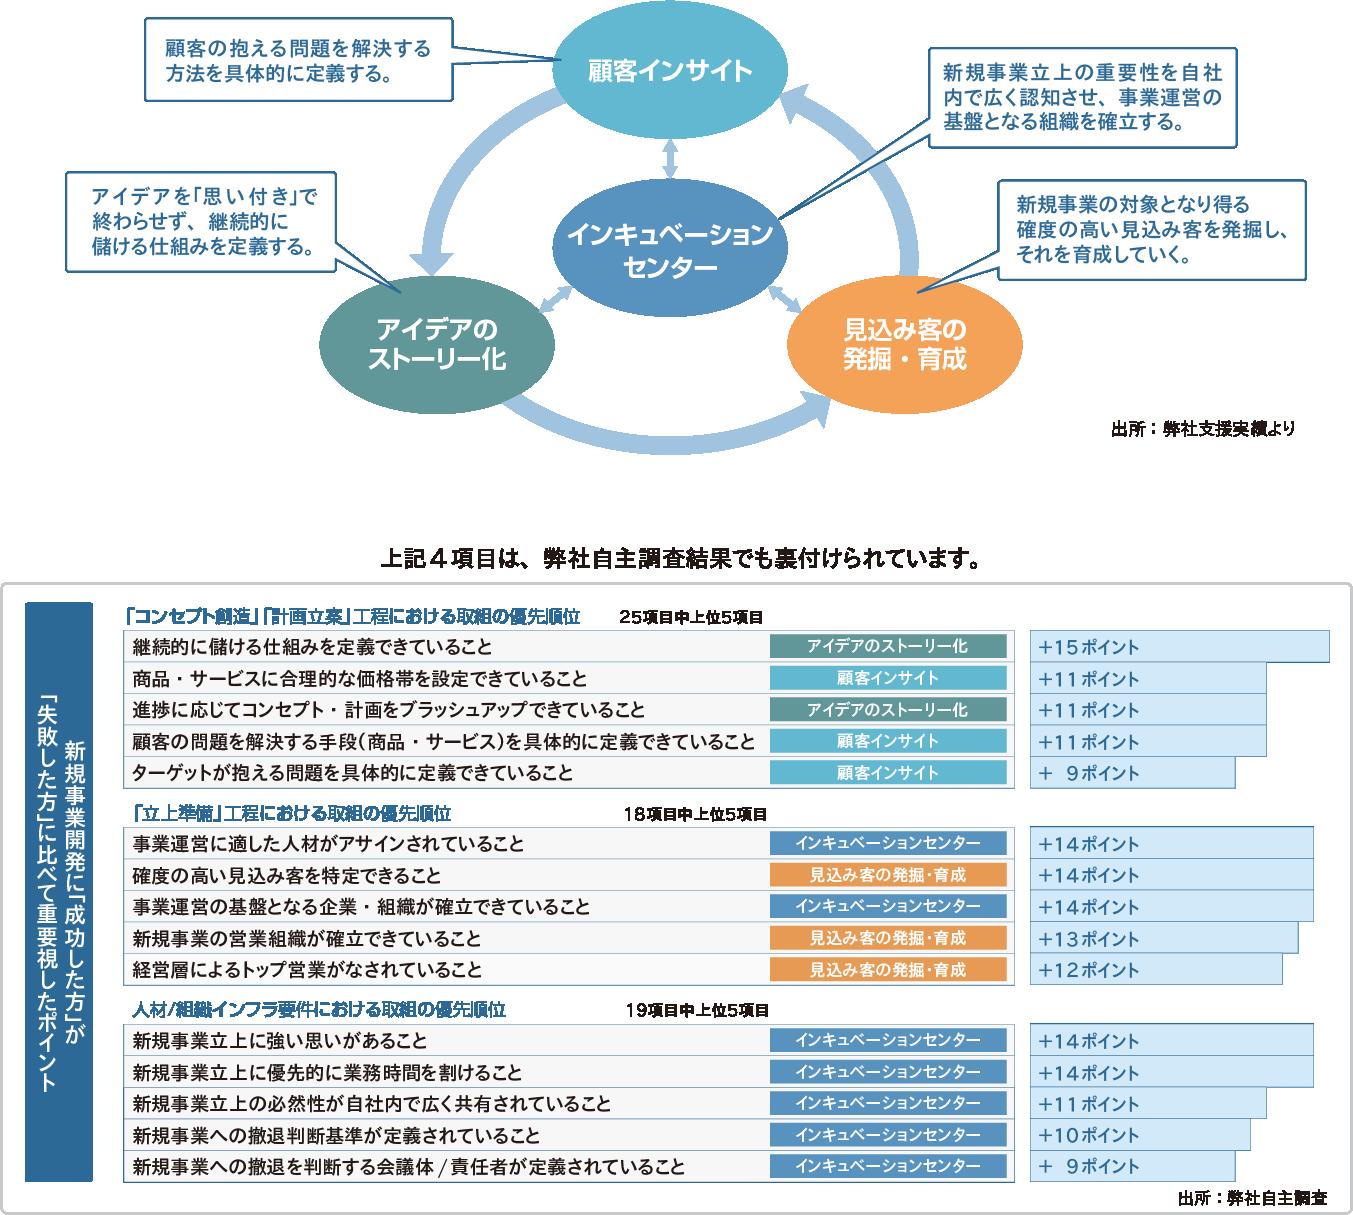 新規事業開発 | 経営戦略/経営改革サービス | アビーム | アビーム